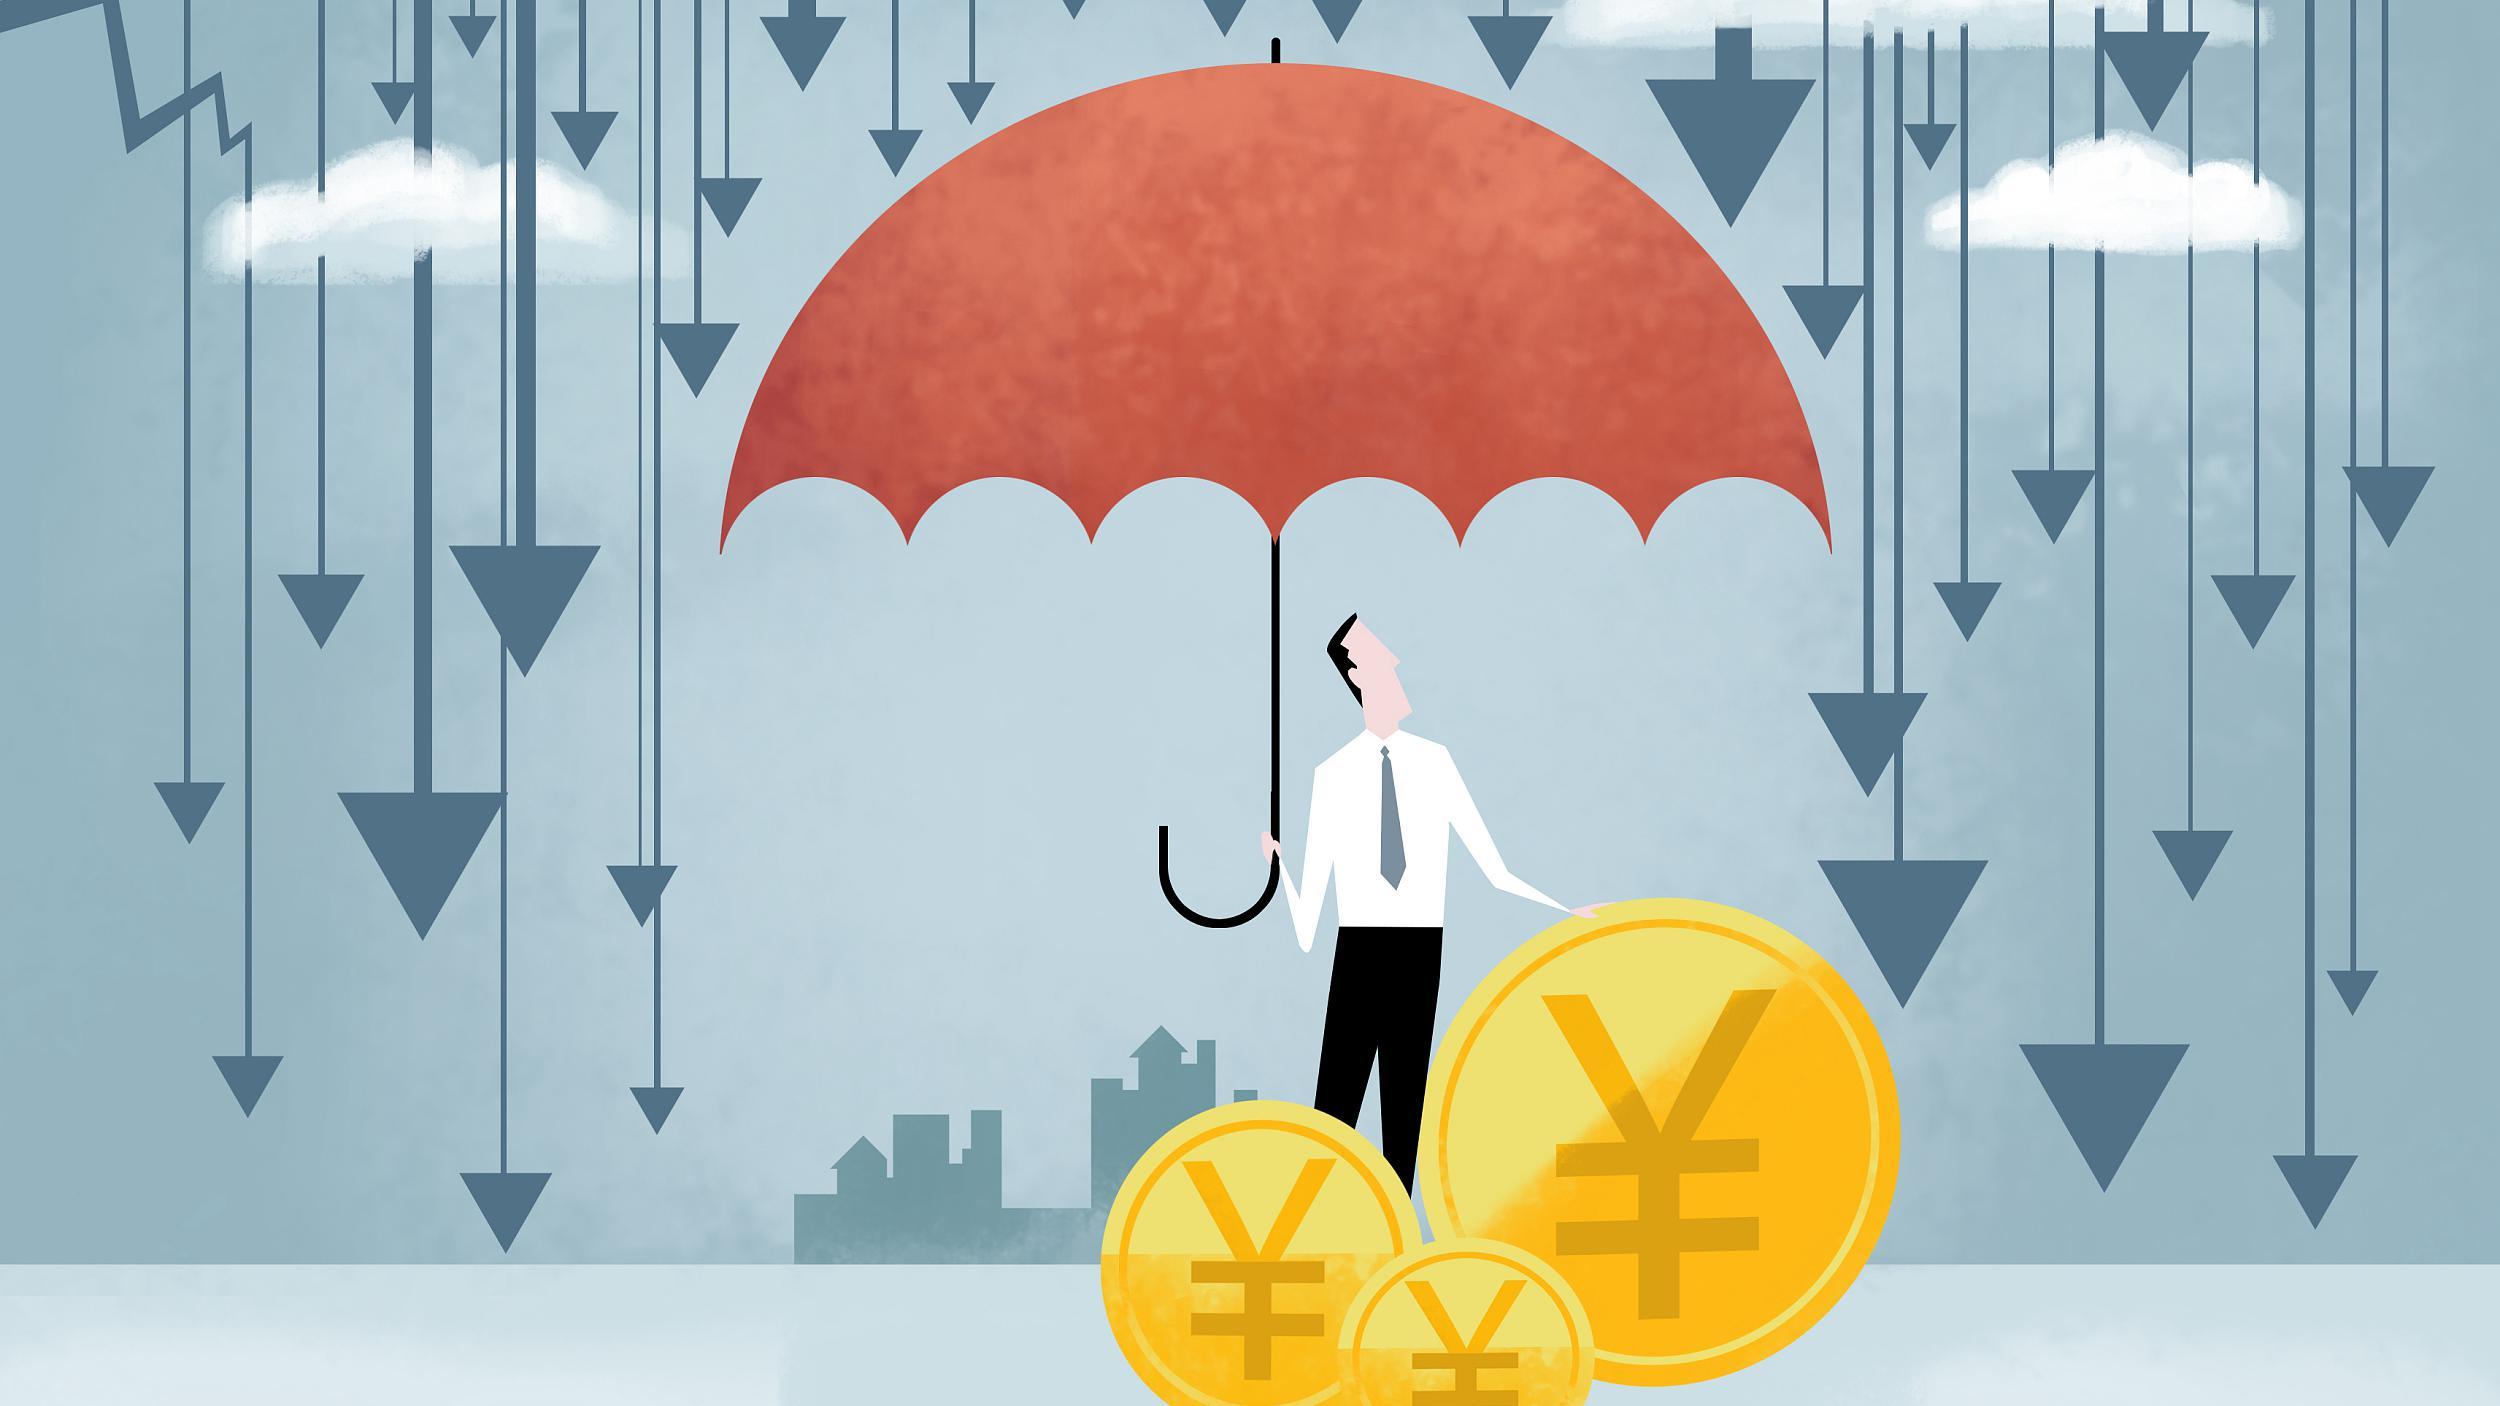 China companies increase share buybacks as markets slump